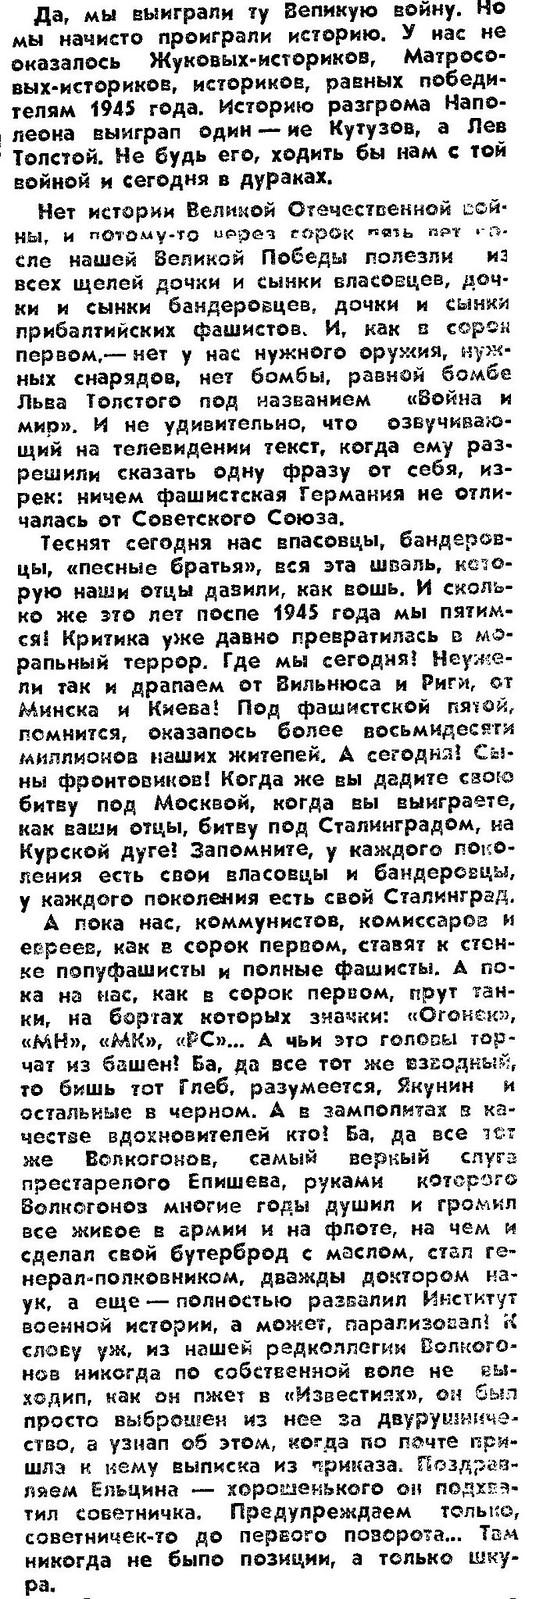 У нас не оказалось Жуковых-историков